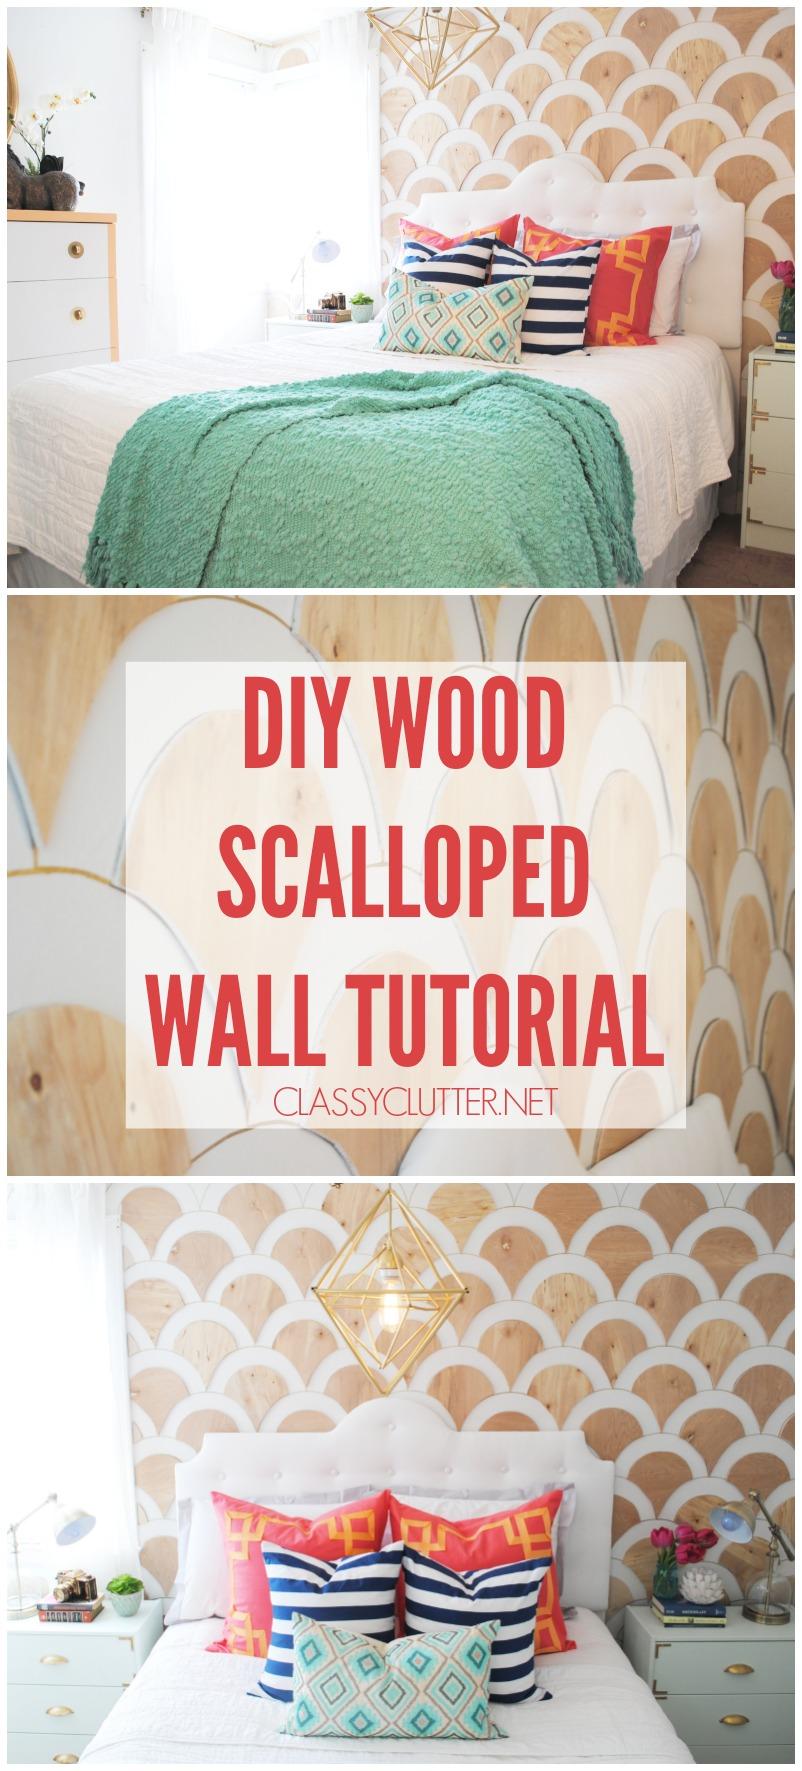 DIY Wood Scalloped Wall Tutorial - classyclutter.net